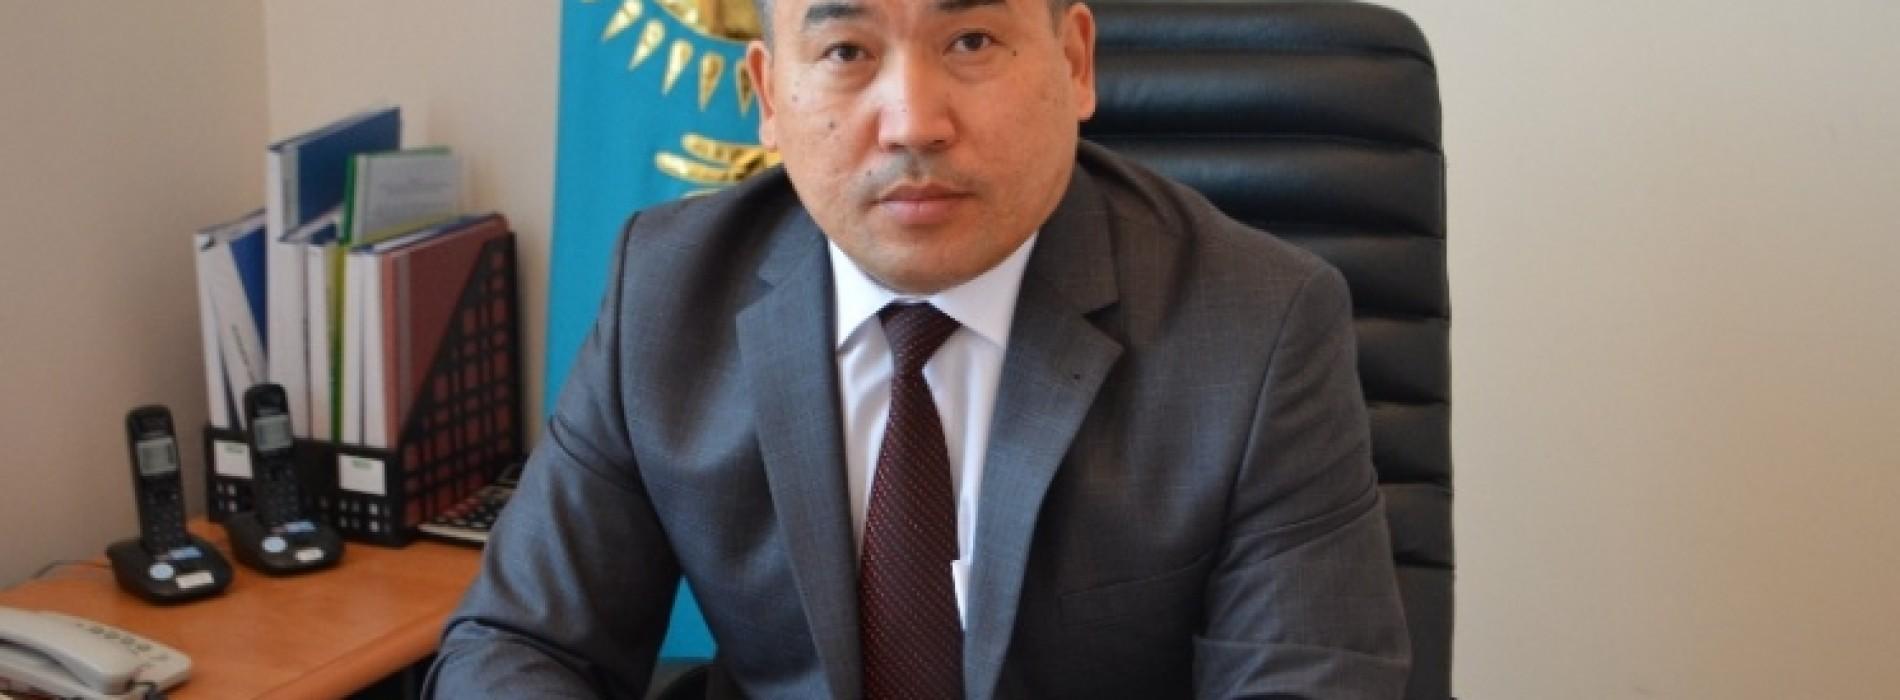 Заместитель акима города Костанай задержан за получение взятки